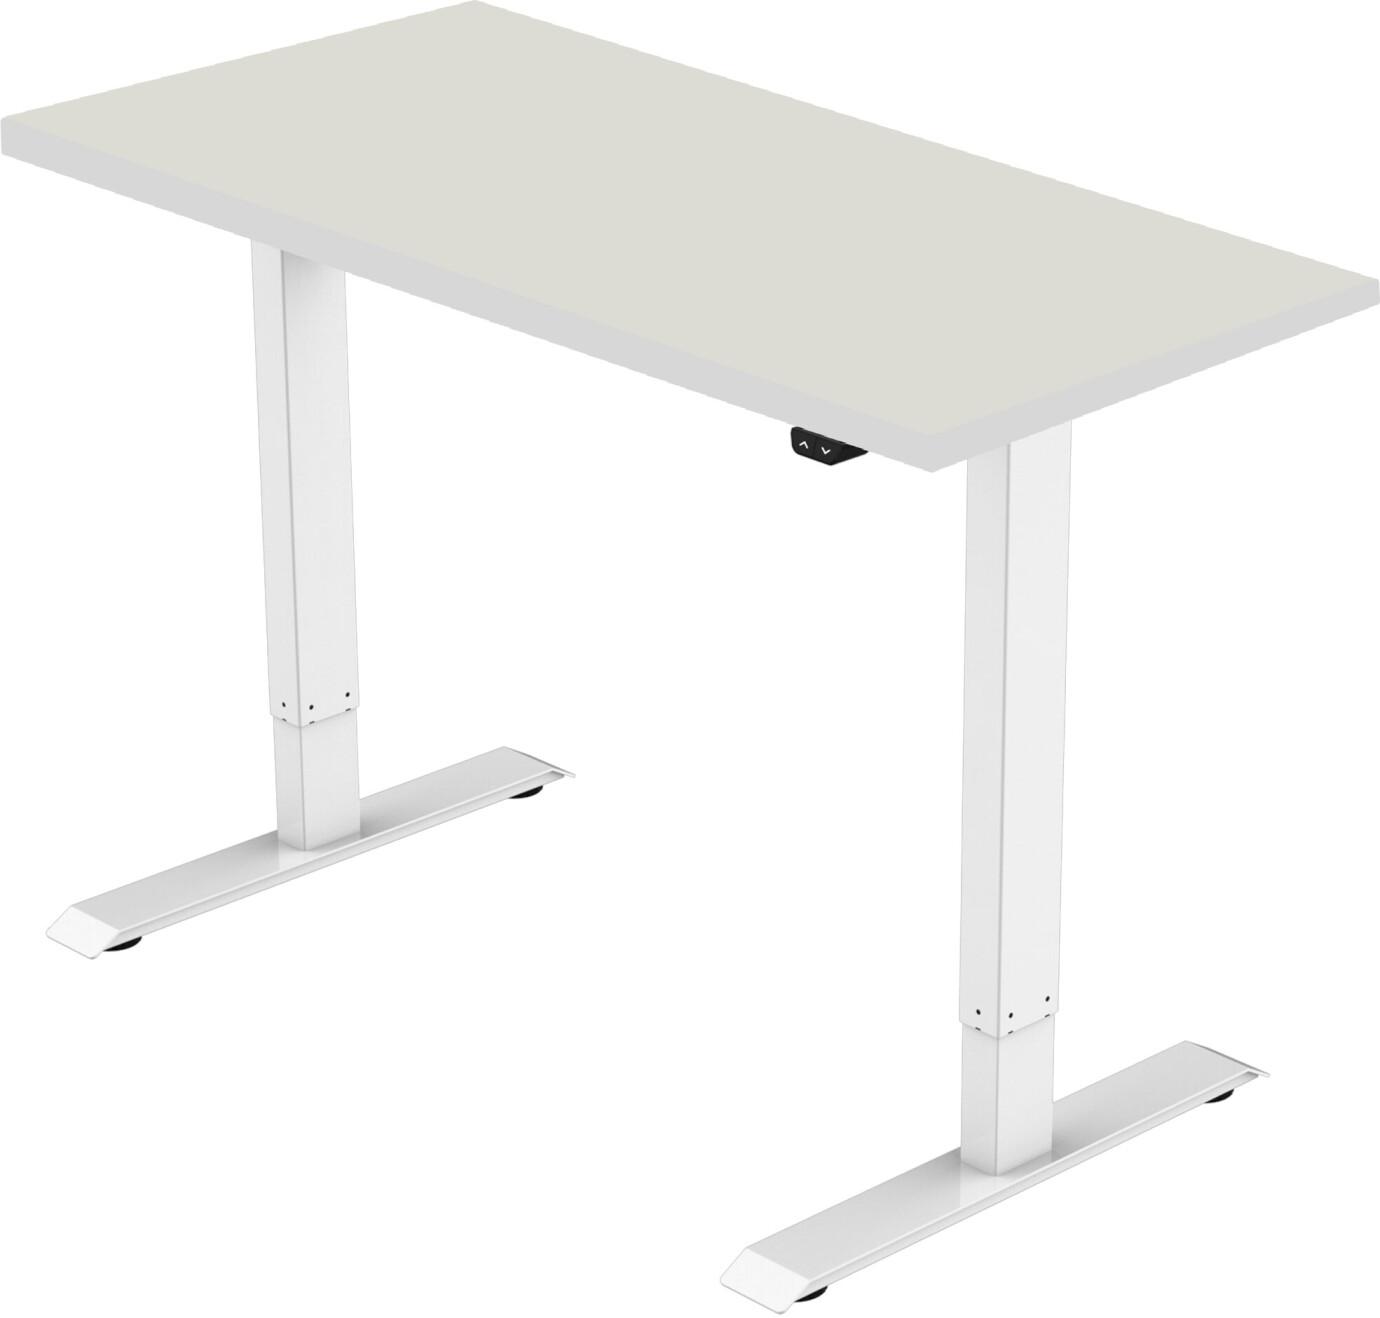 celexon elektrisch höhenverstellbarer Schreibtisch Economy eAdjust-71121 - weiß, inkl. Tischplatte 150 x 75 cm